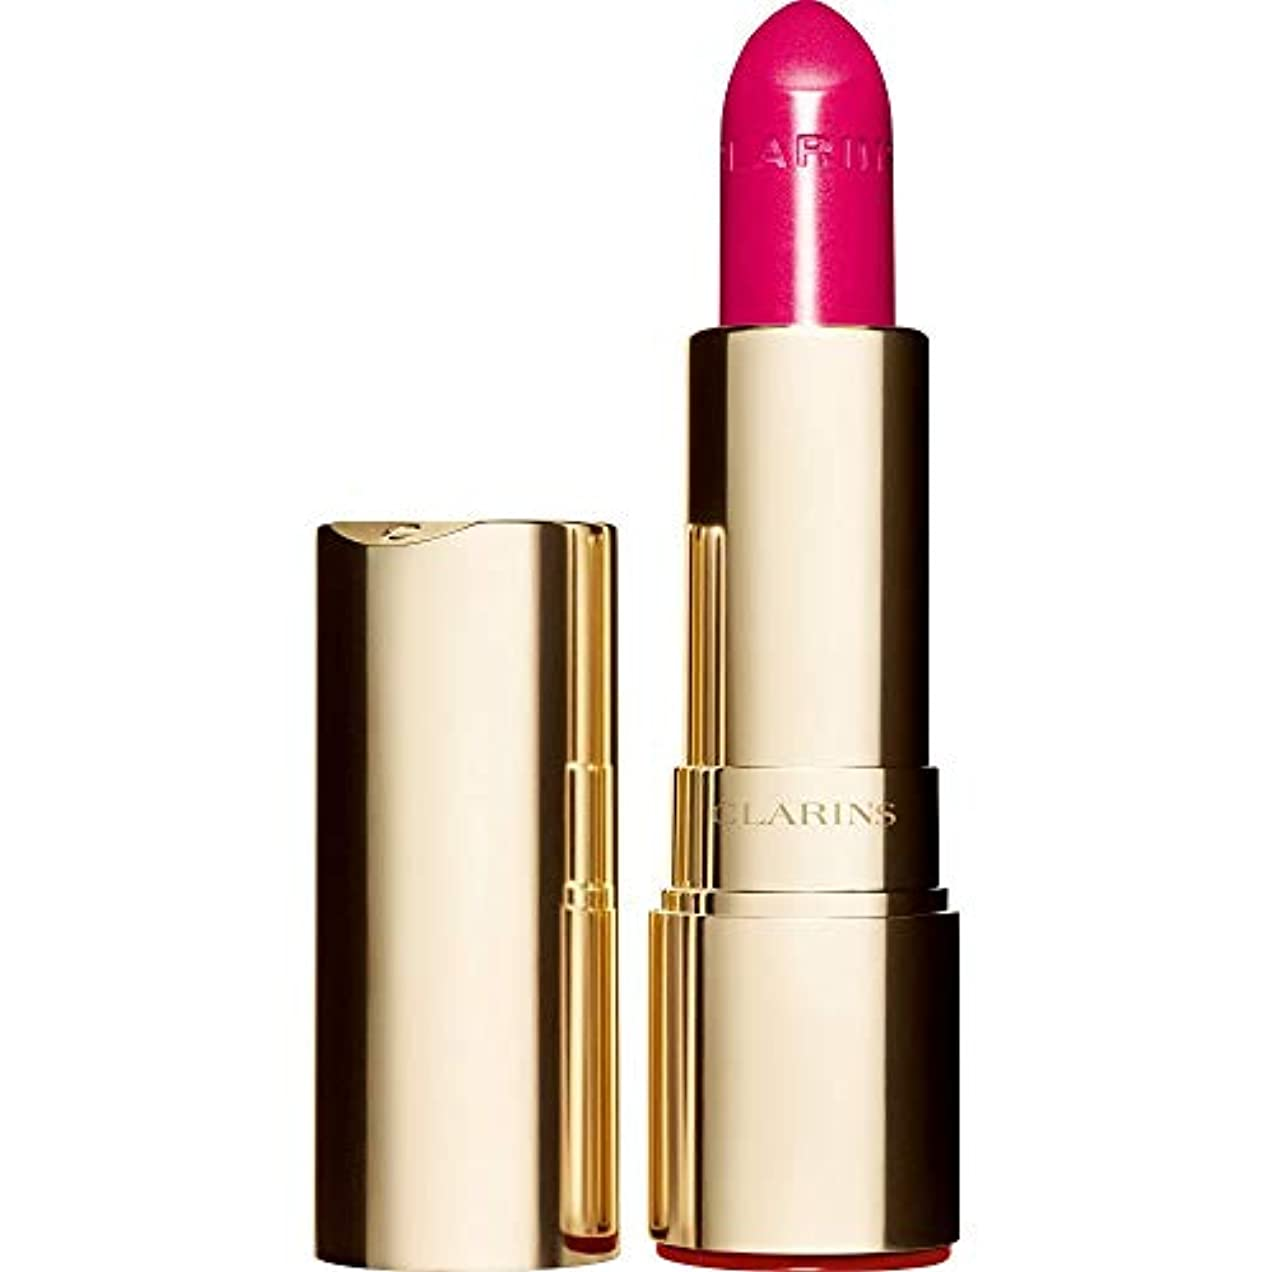 駅絶望データベース[Clarins ] クラランスジョリルージュブリリアント口紅3.5グラムの713S - ホットピンク - Clarins Joli Rouge Brillant Lipstick 3.5g 713S - Hot Pink...